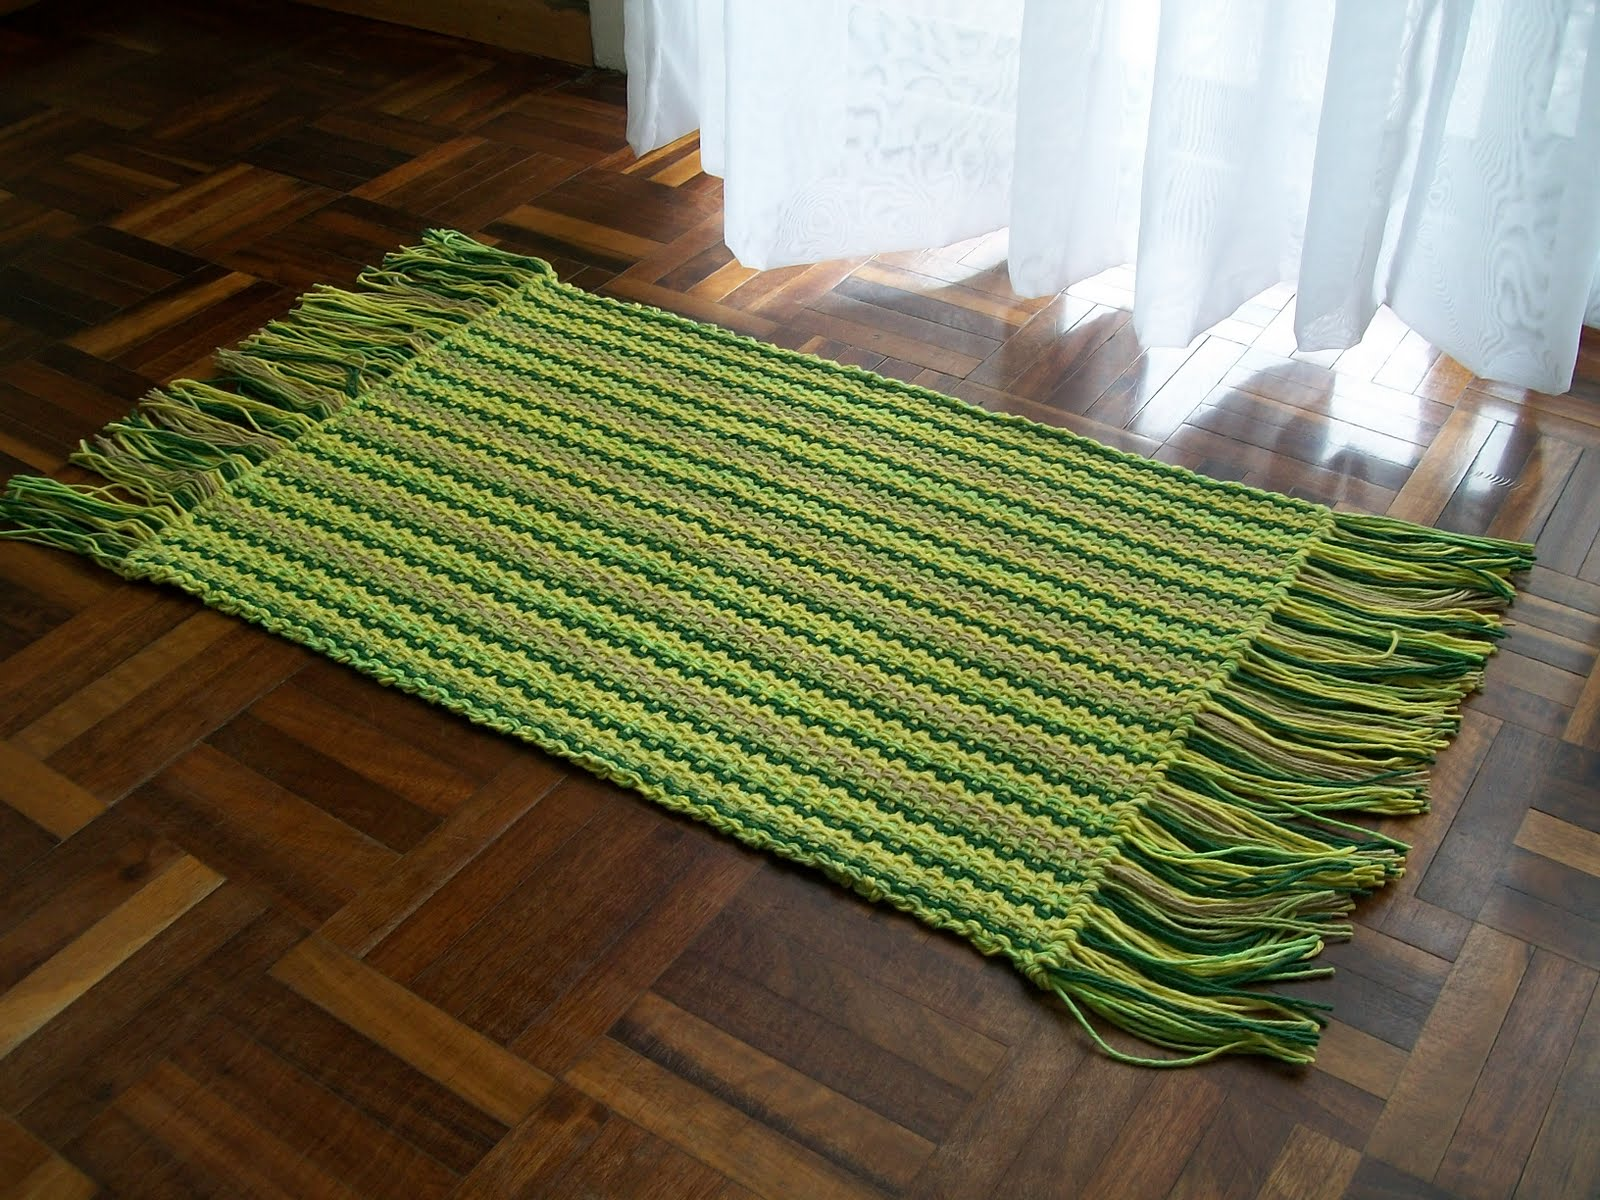 Tejidos artesanales mr alfombras for Tejidos de alfombras